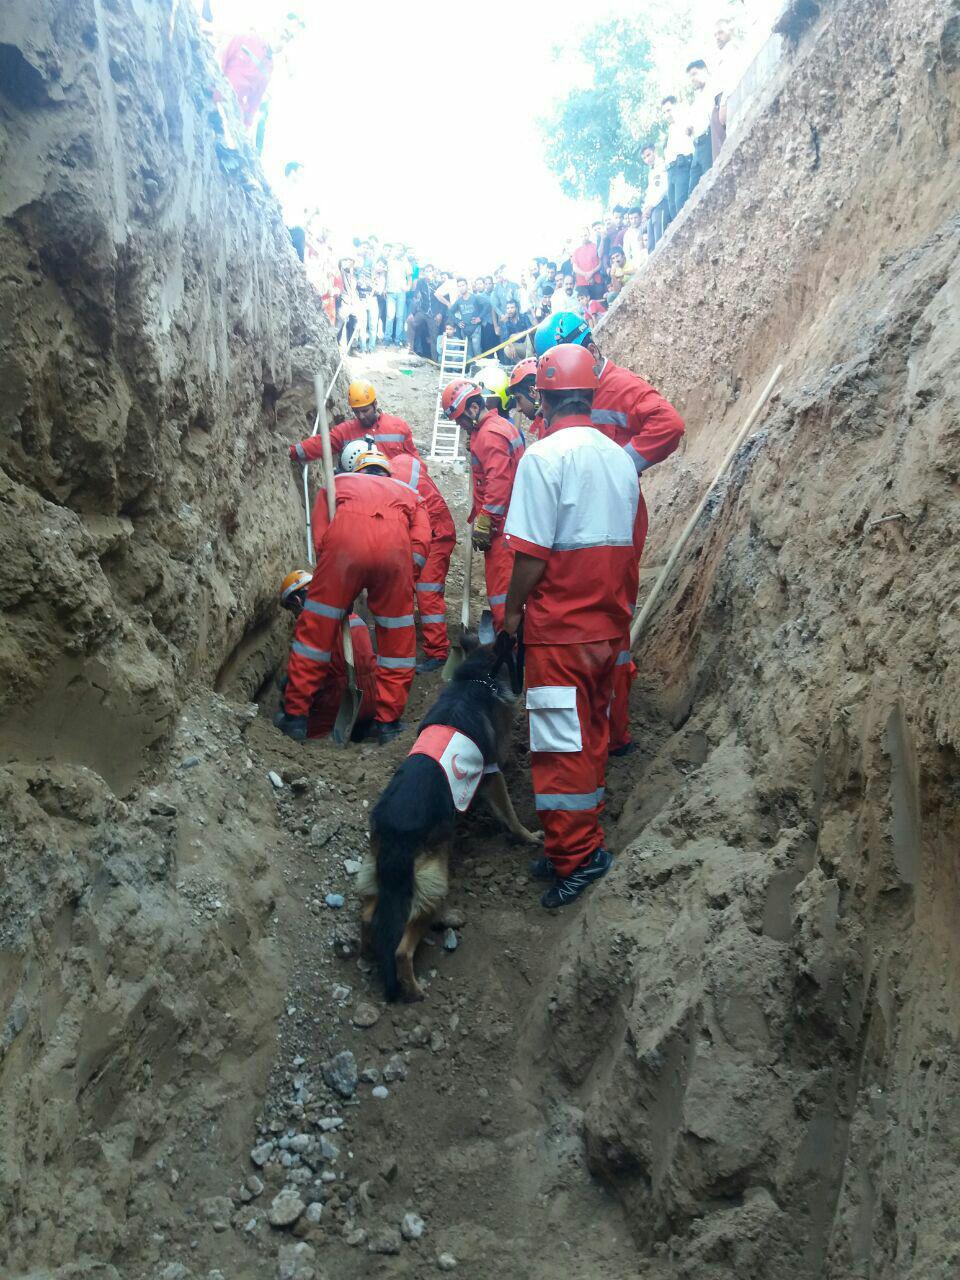 کشف جسد جوان در زیر آوار کانال اگو مشهد + تصاویر